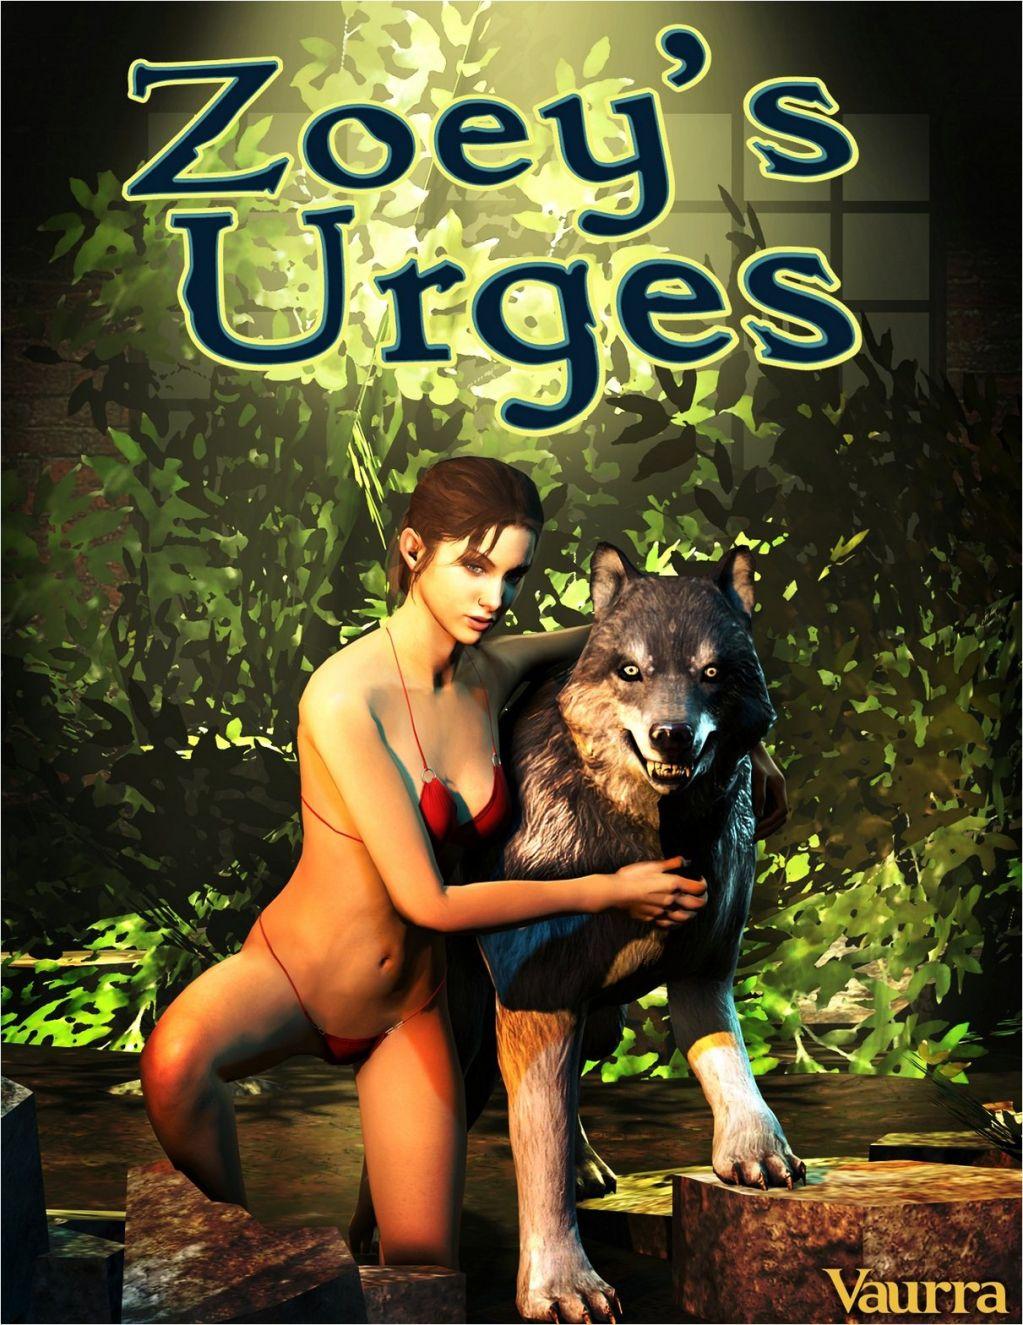 Zoeys Urges image 01